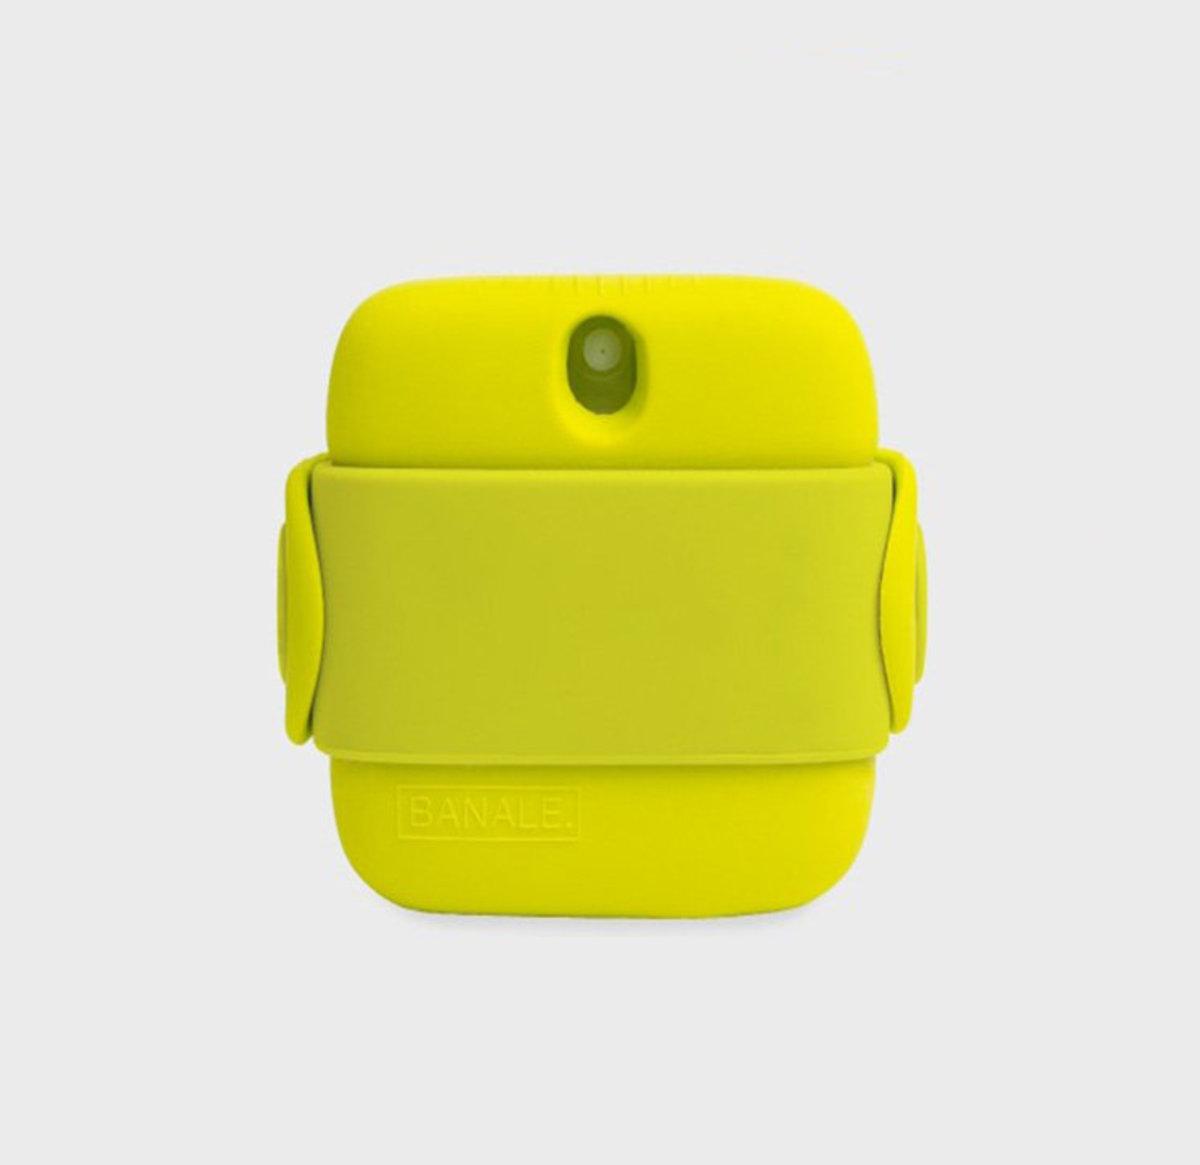 便攜噴霧式防曬液SPF50 4ml (全綠色)